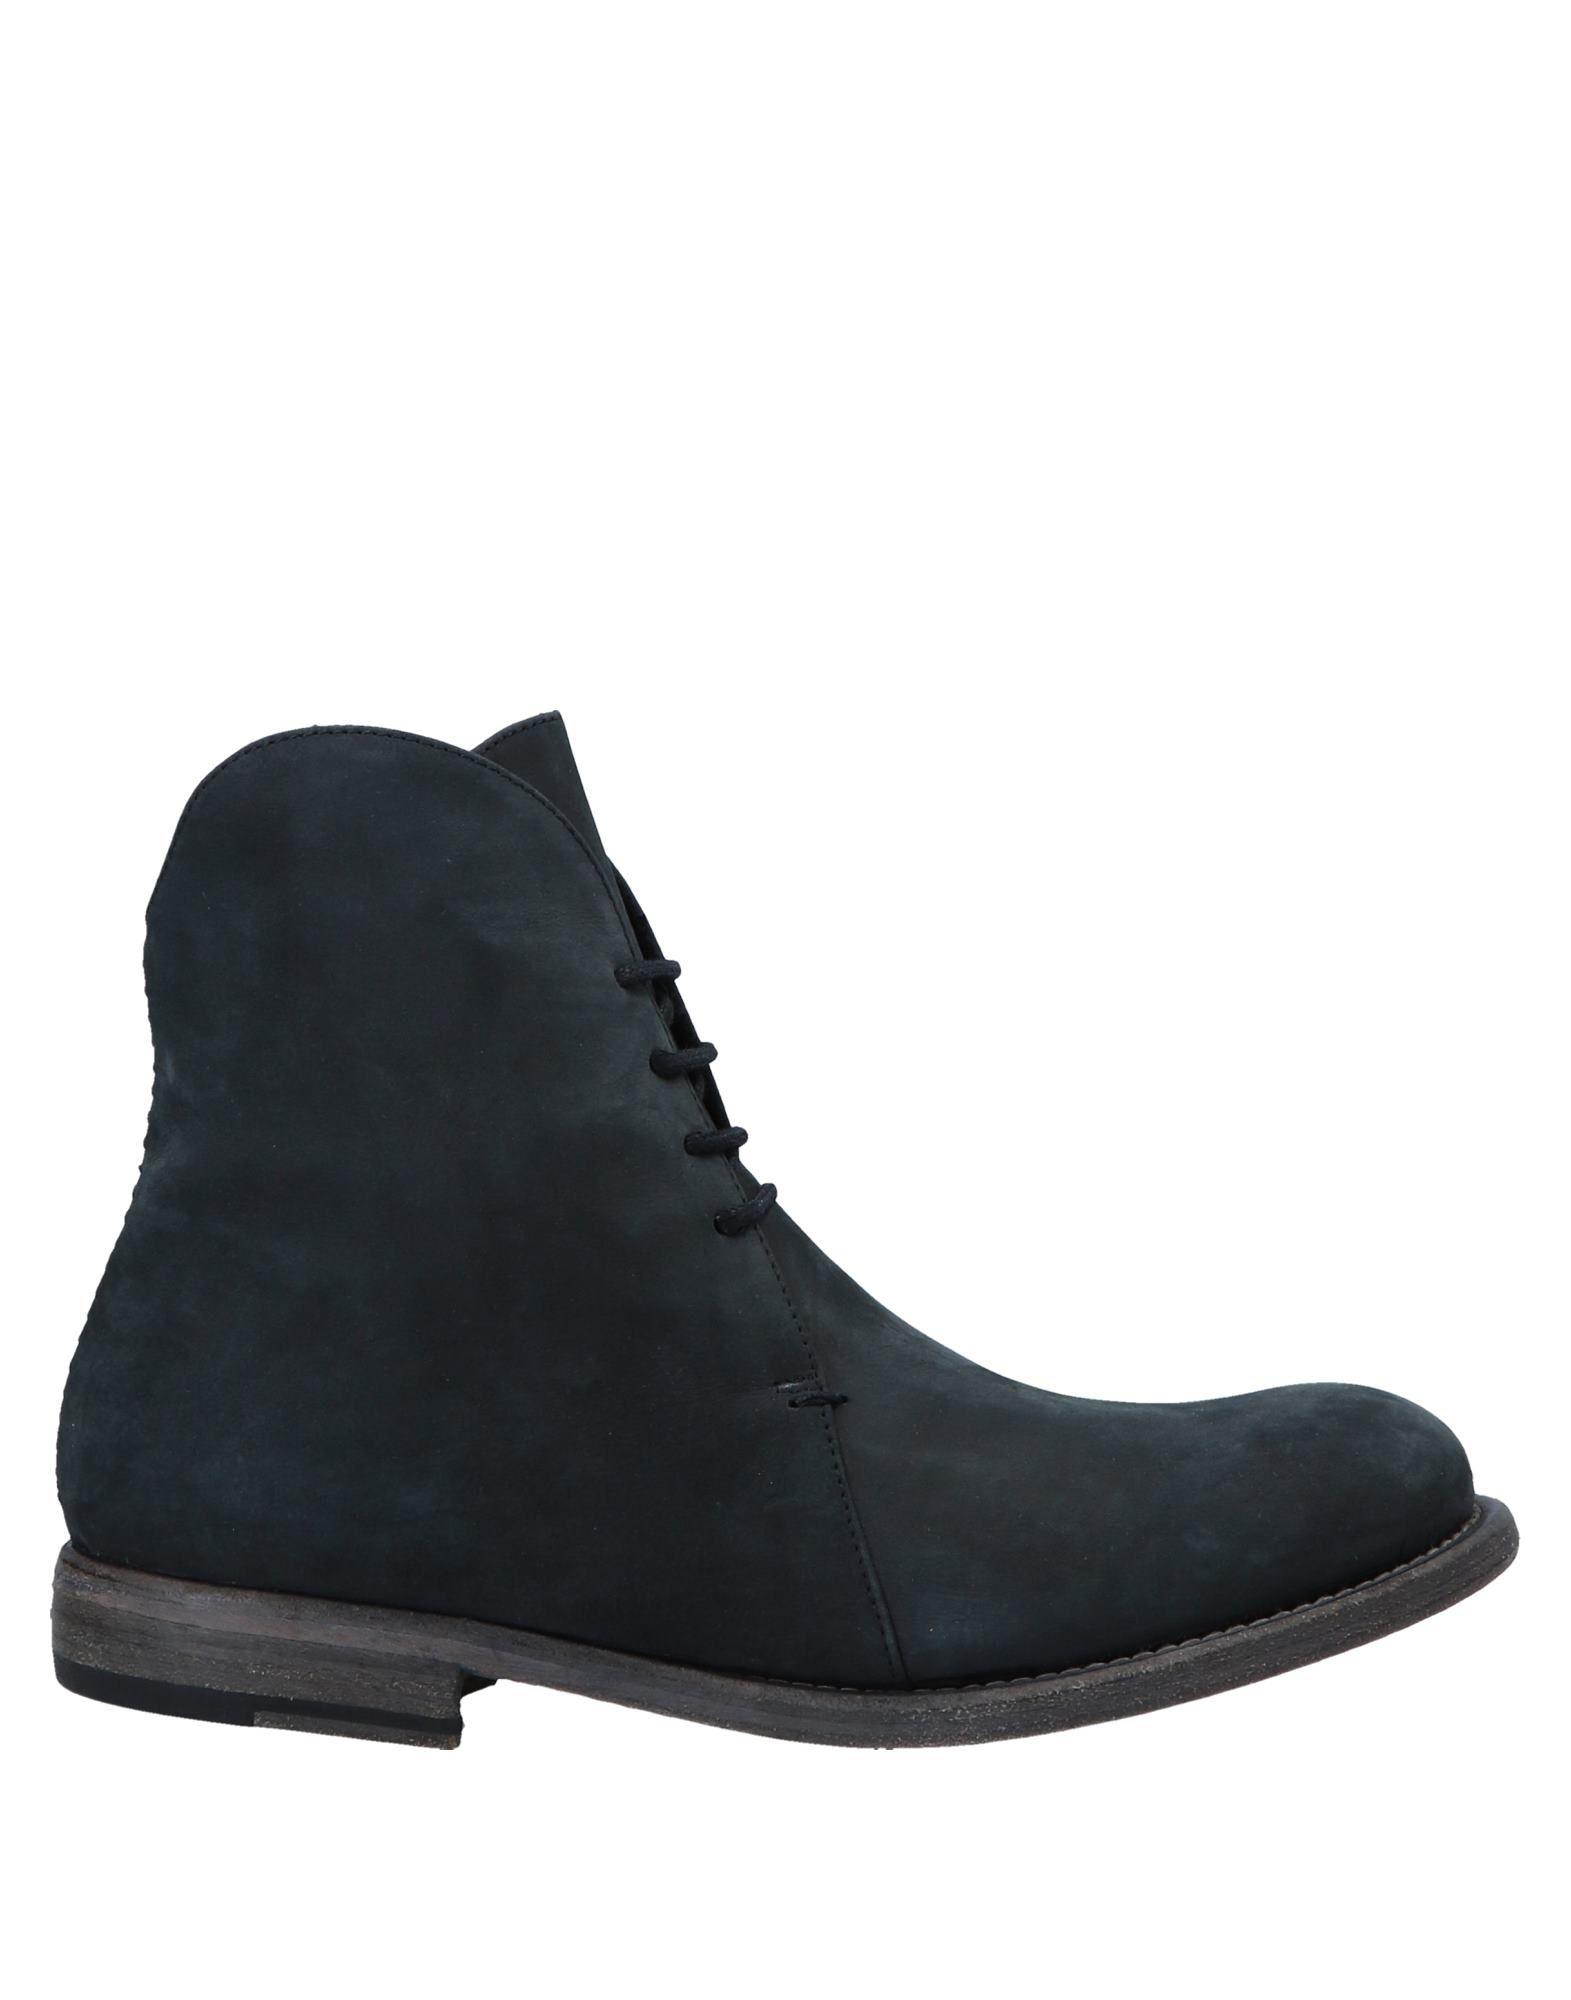 Masnada Stiefelette Herren  11546038OV Gute Qualität beliebte Schuhe